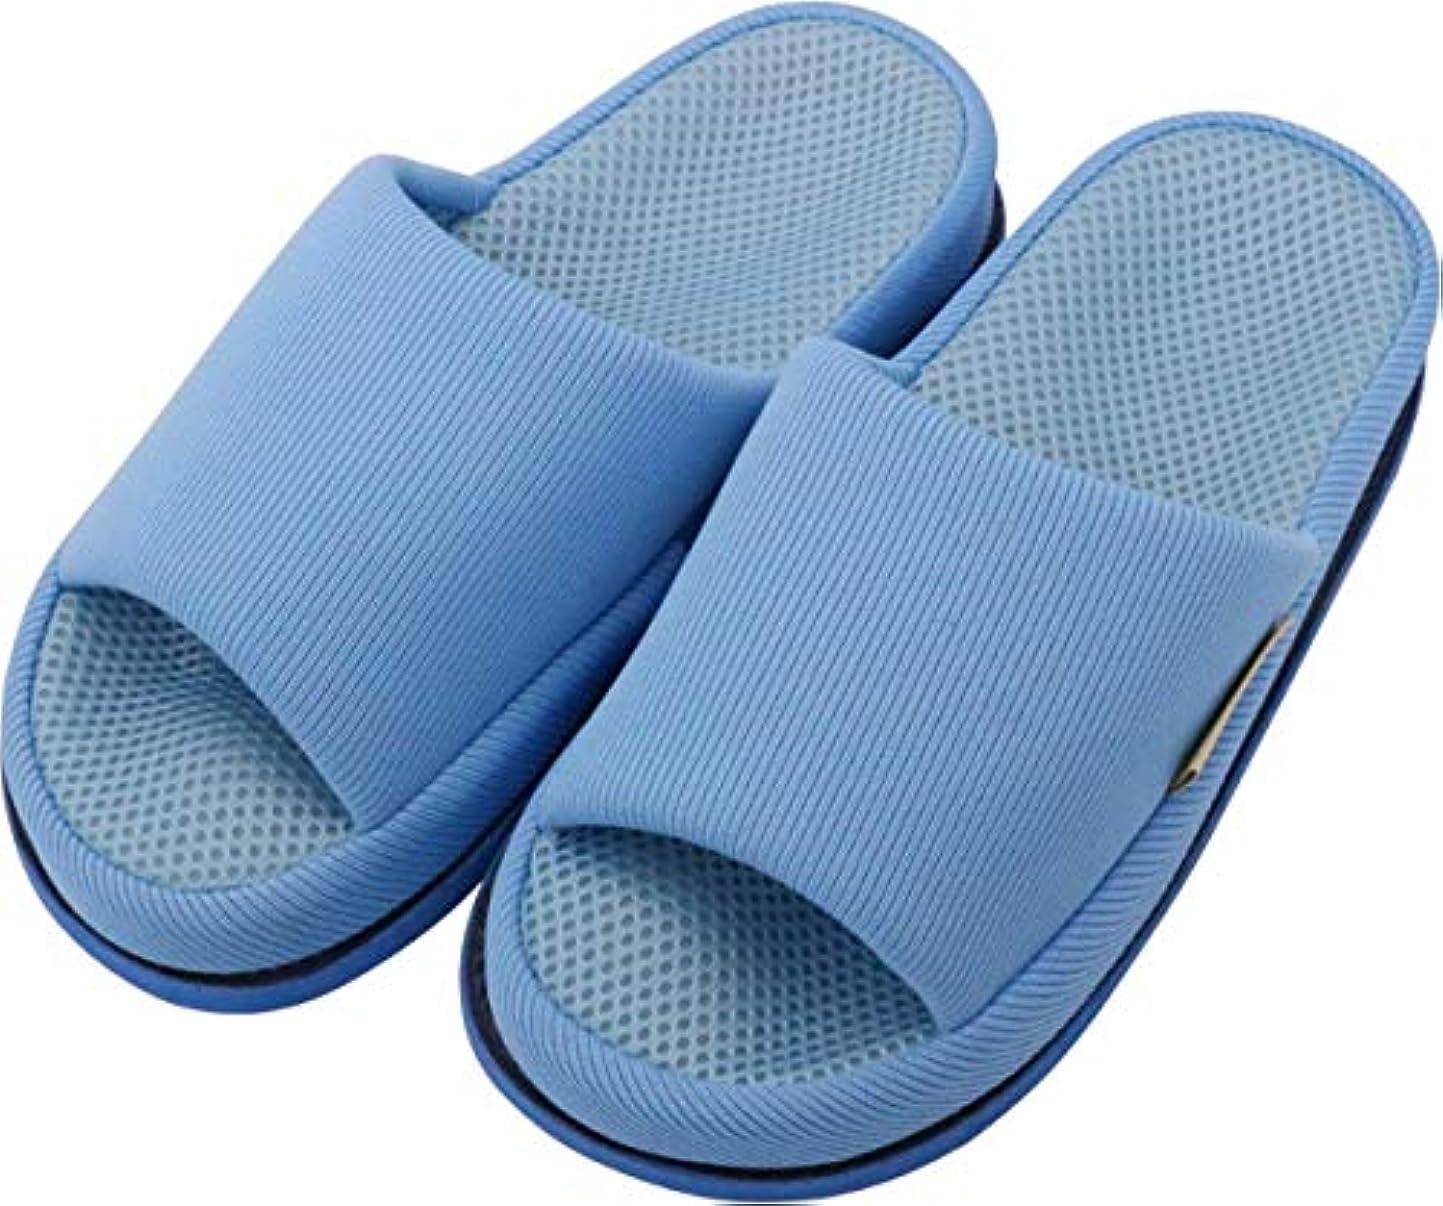 シャンプー喜び大足で癒す リフレクソロジースリッパ リフレ 親指の付け根 ライトブルー M